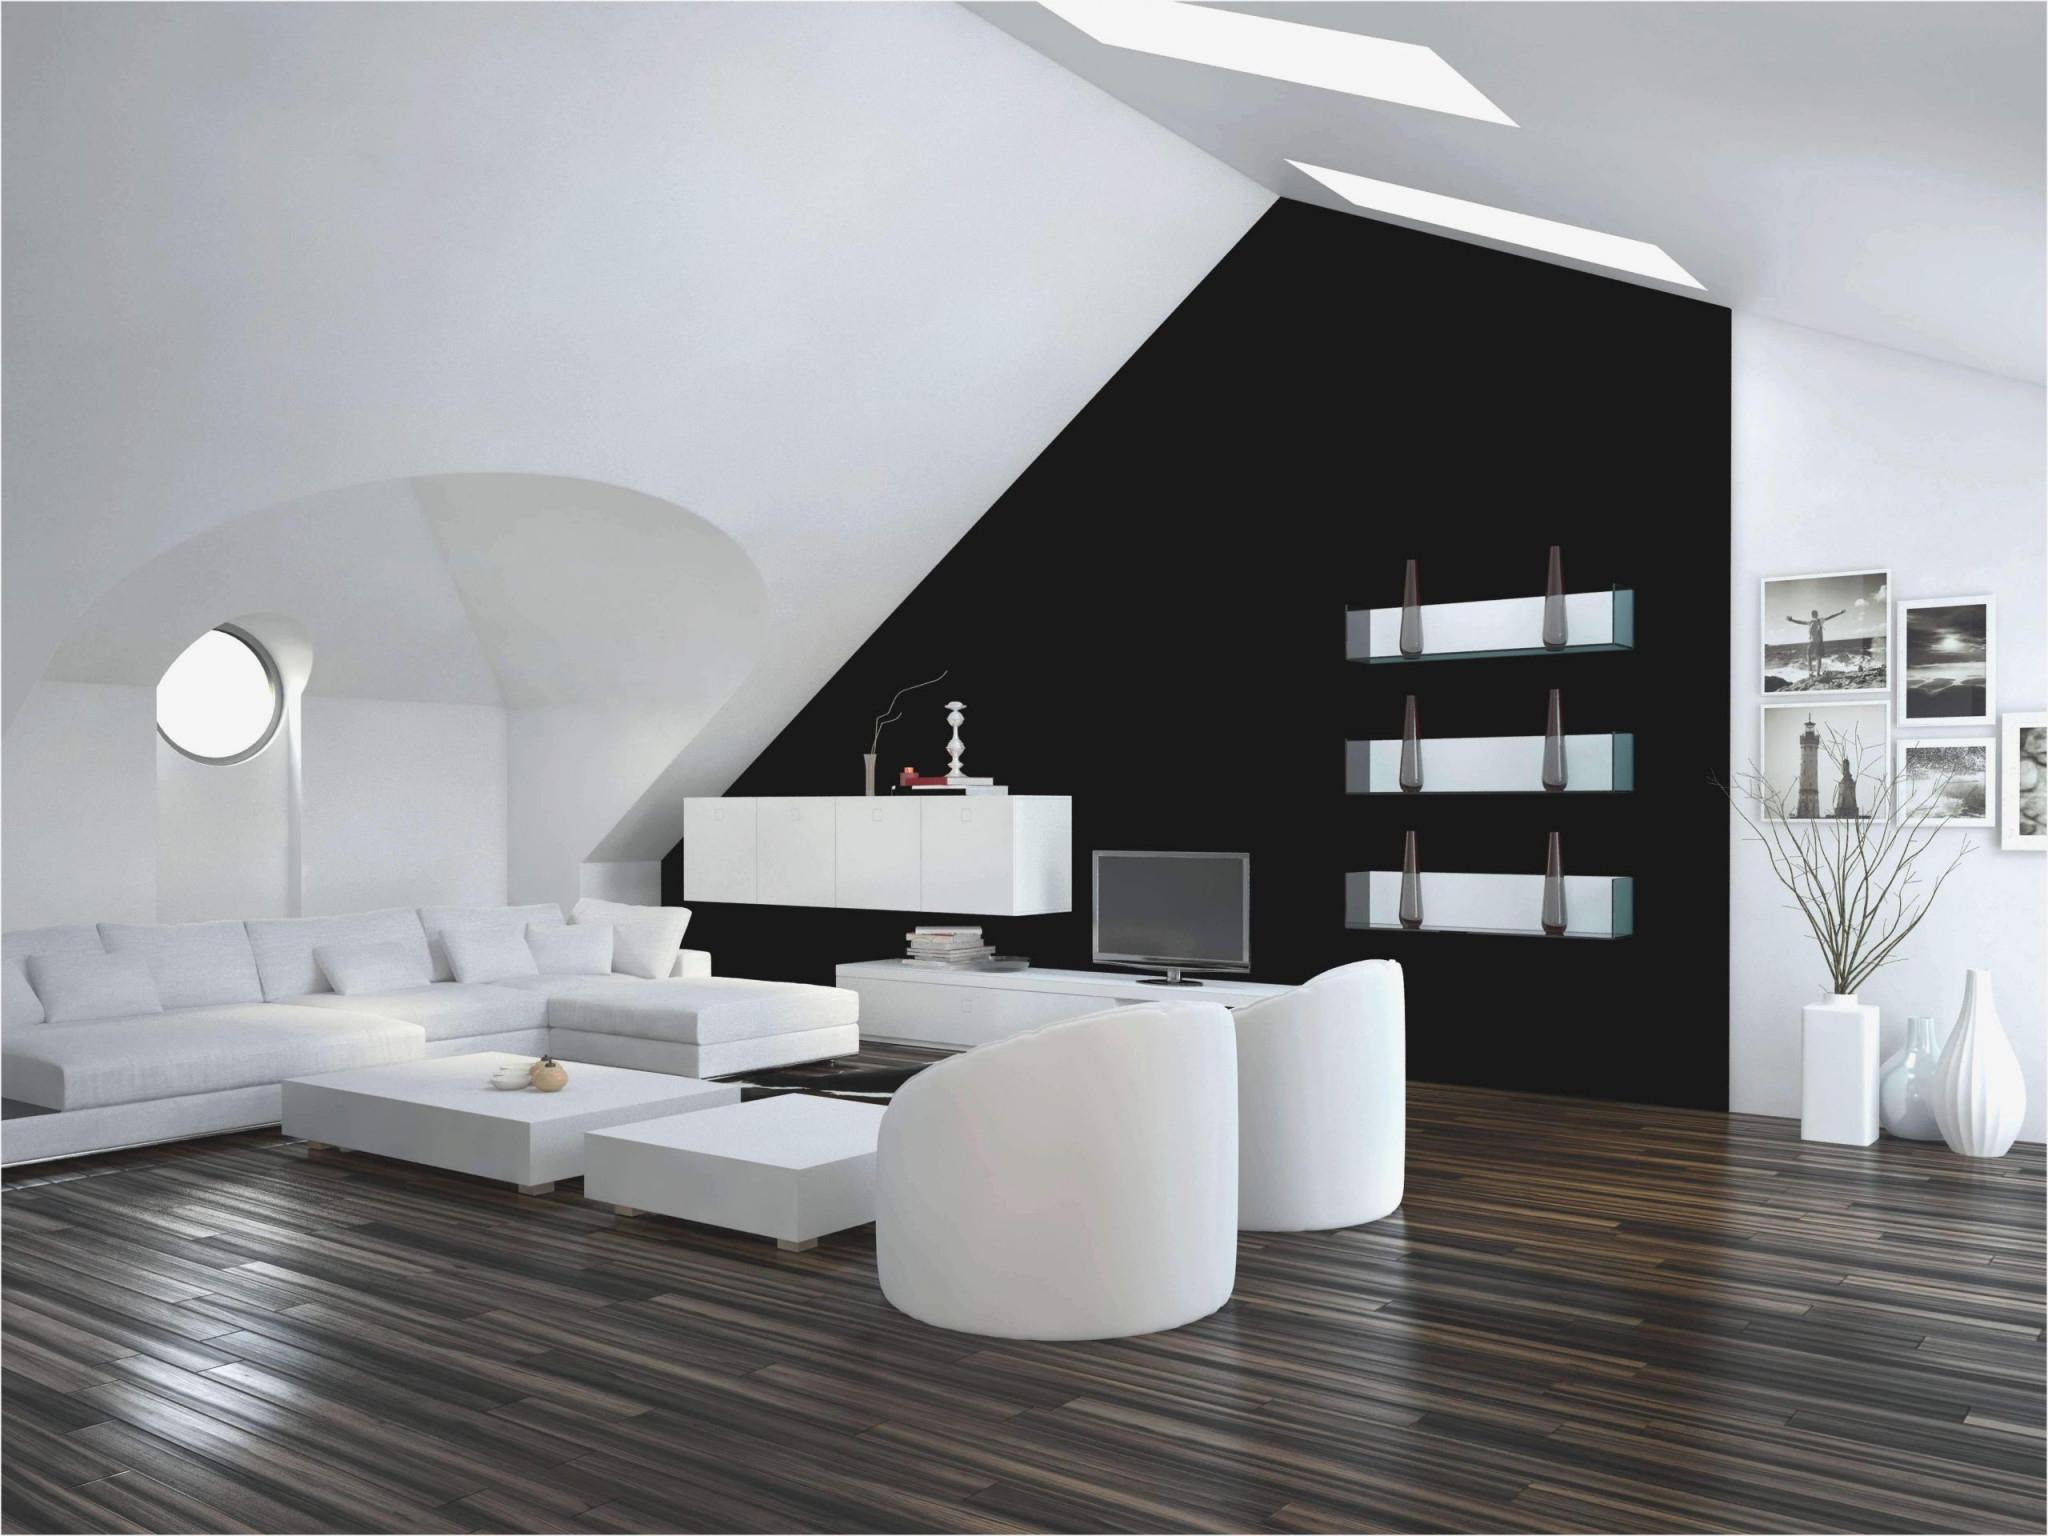 Wohnzimmer Ideen Weiss Schwarz  Wohnzimmer  Traumhaus von Wohnzimmer Ideen Schwarz Weiß Photo